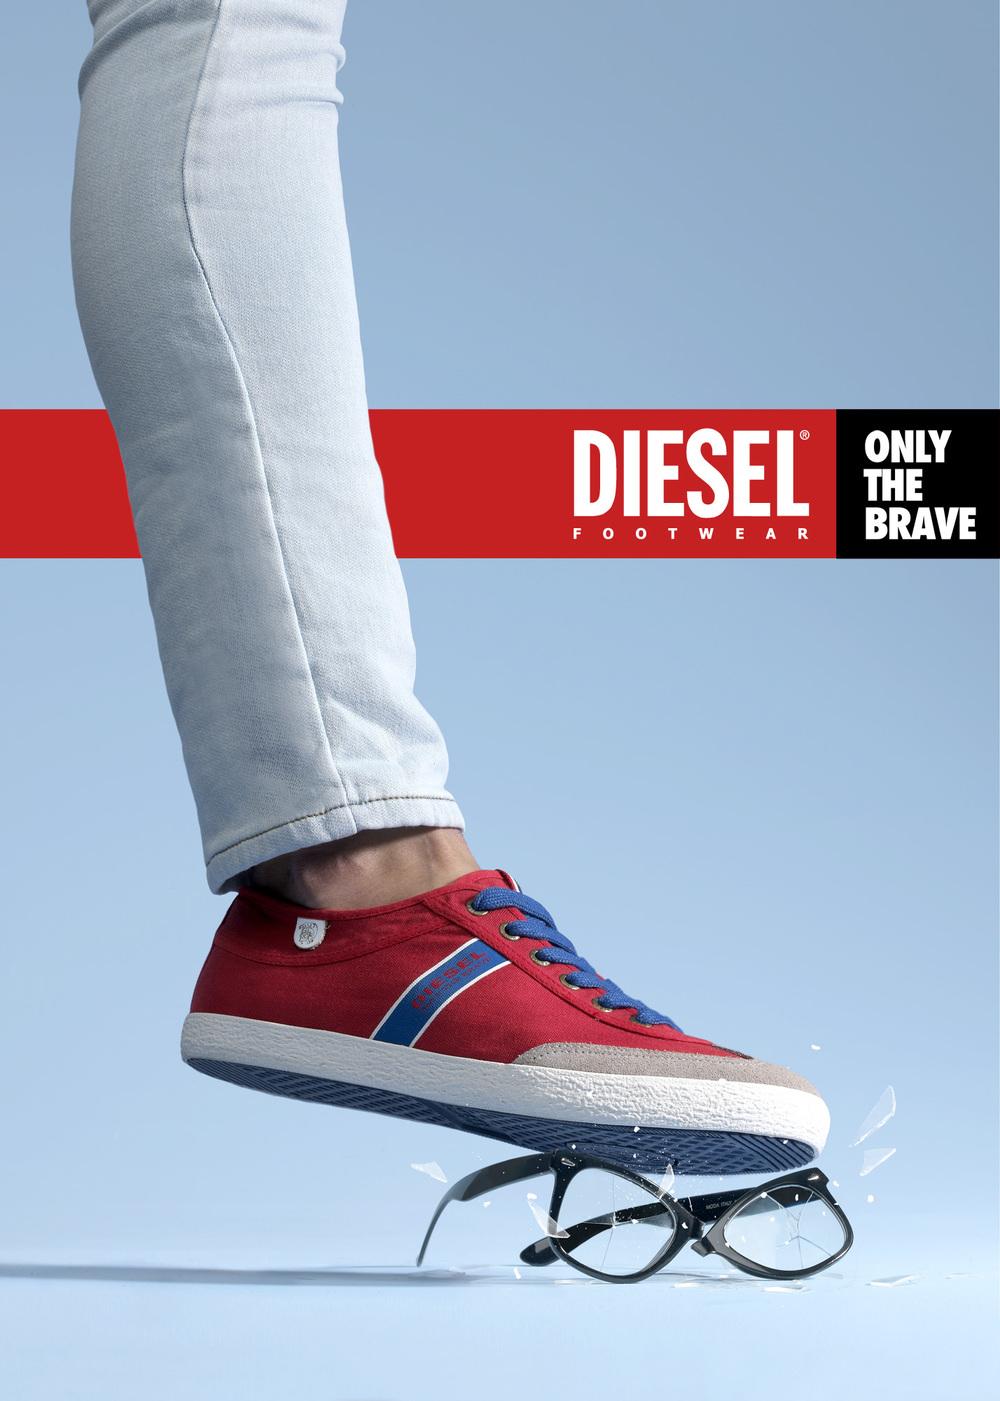 Diesel FOTO 01D_logo 2.jpg